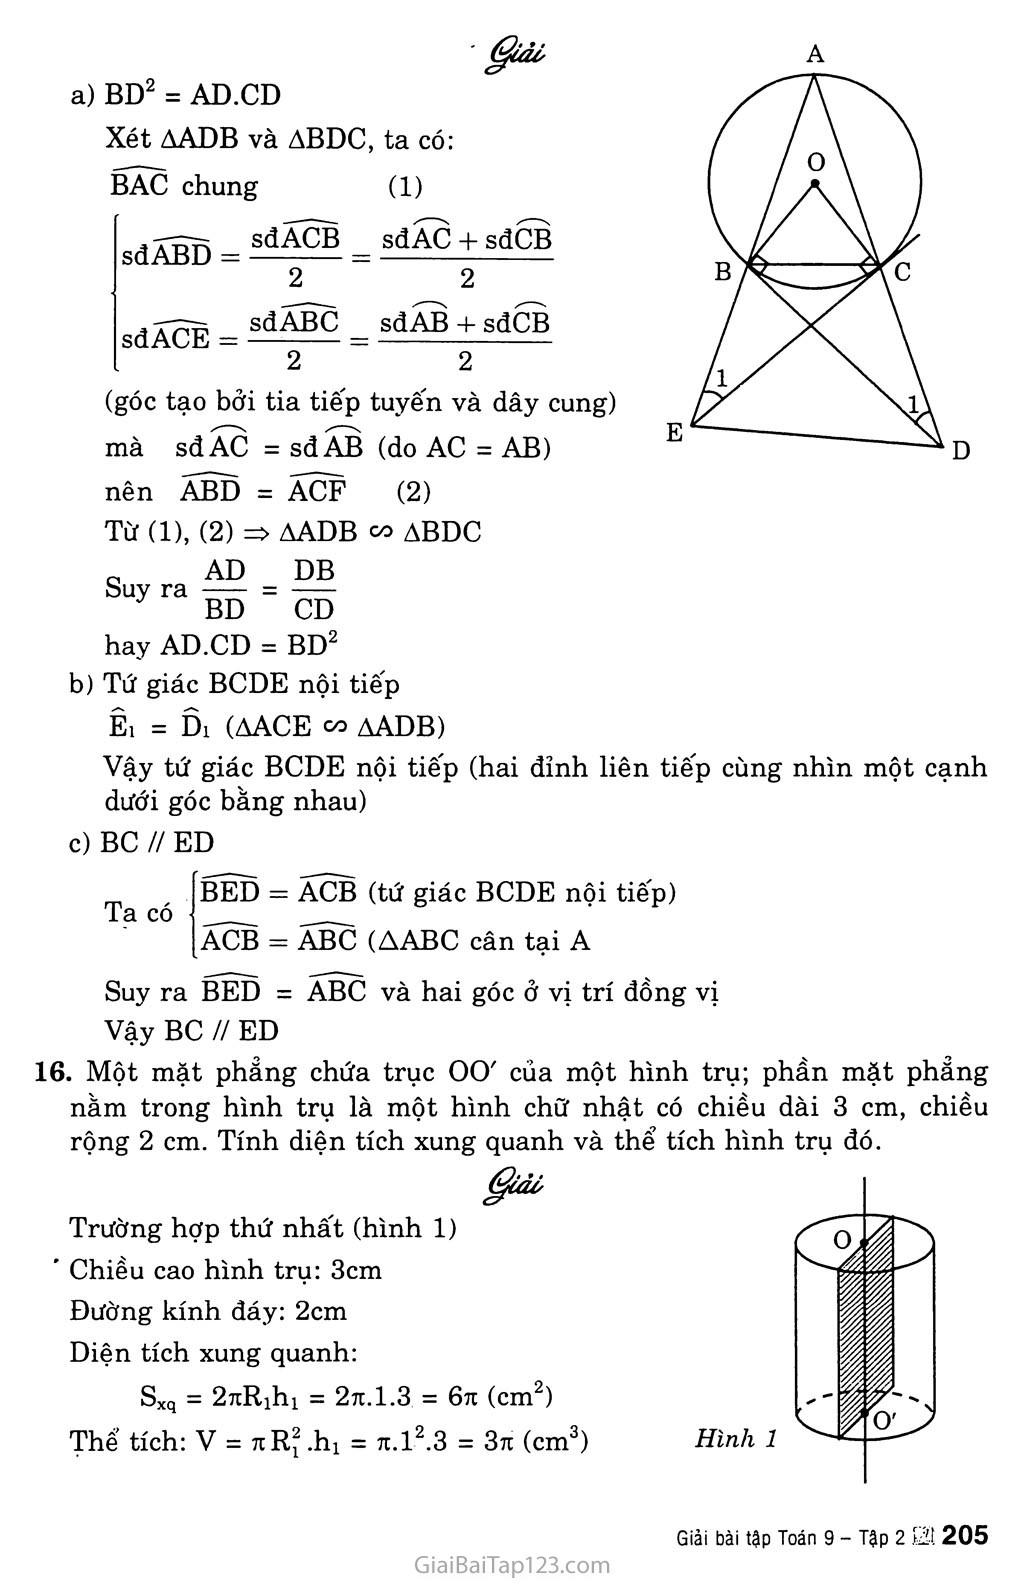 Bài tập ôn cuối năm trang 19